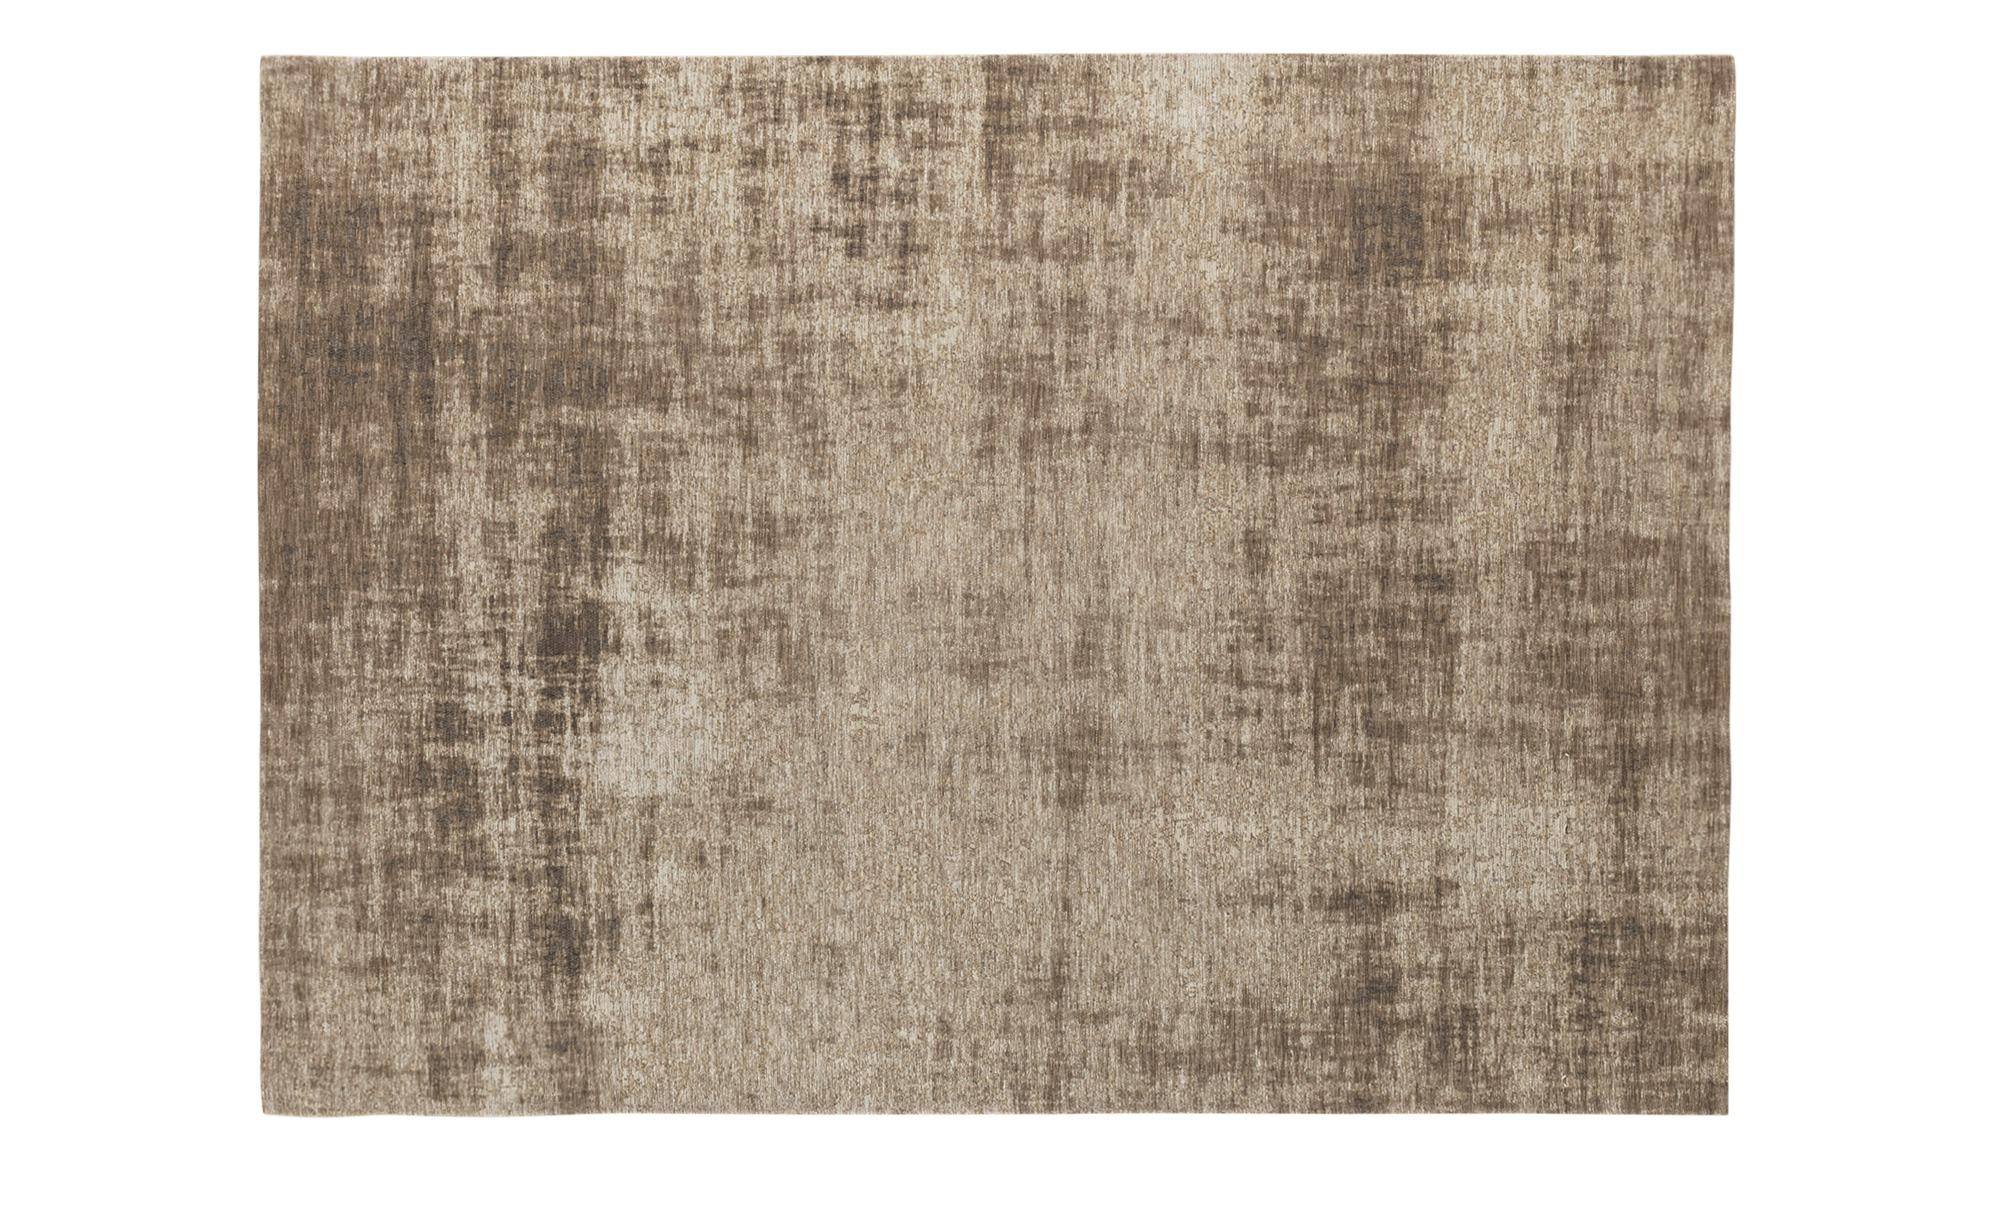 Webteppich  Harmonie ¦ beige ¦ 34% Chenille Acryl, 33% Baumwolle, 33% Polyester ¦ Maße (cm): B: 130 Teppiche > Auslegware - Höffner